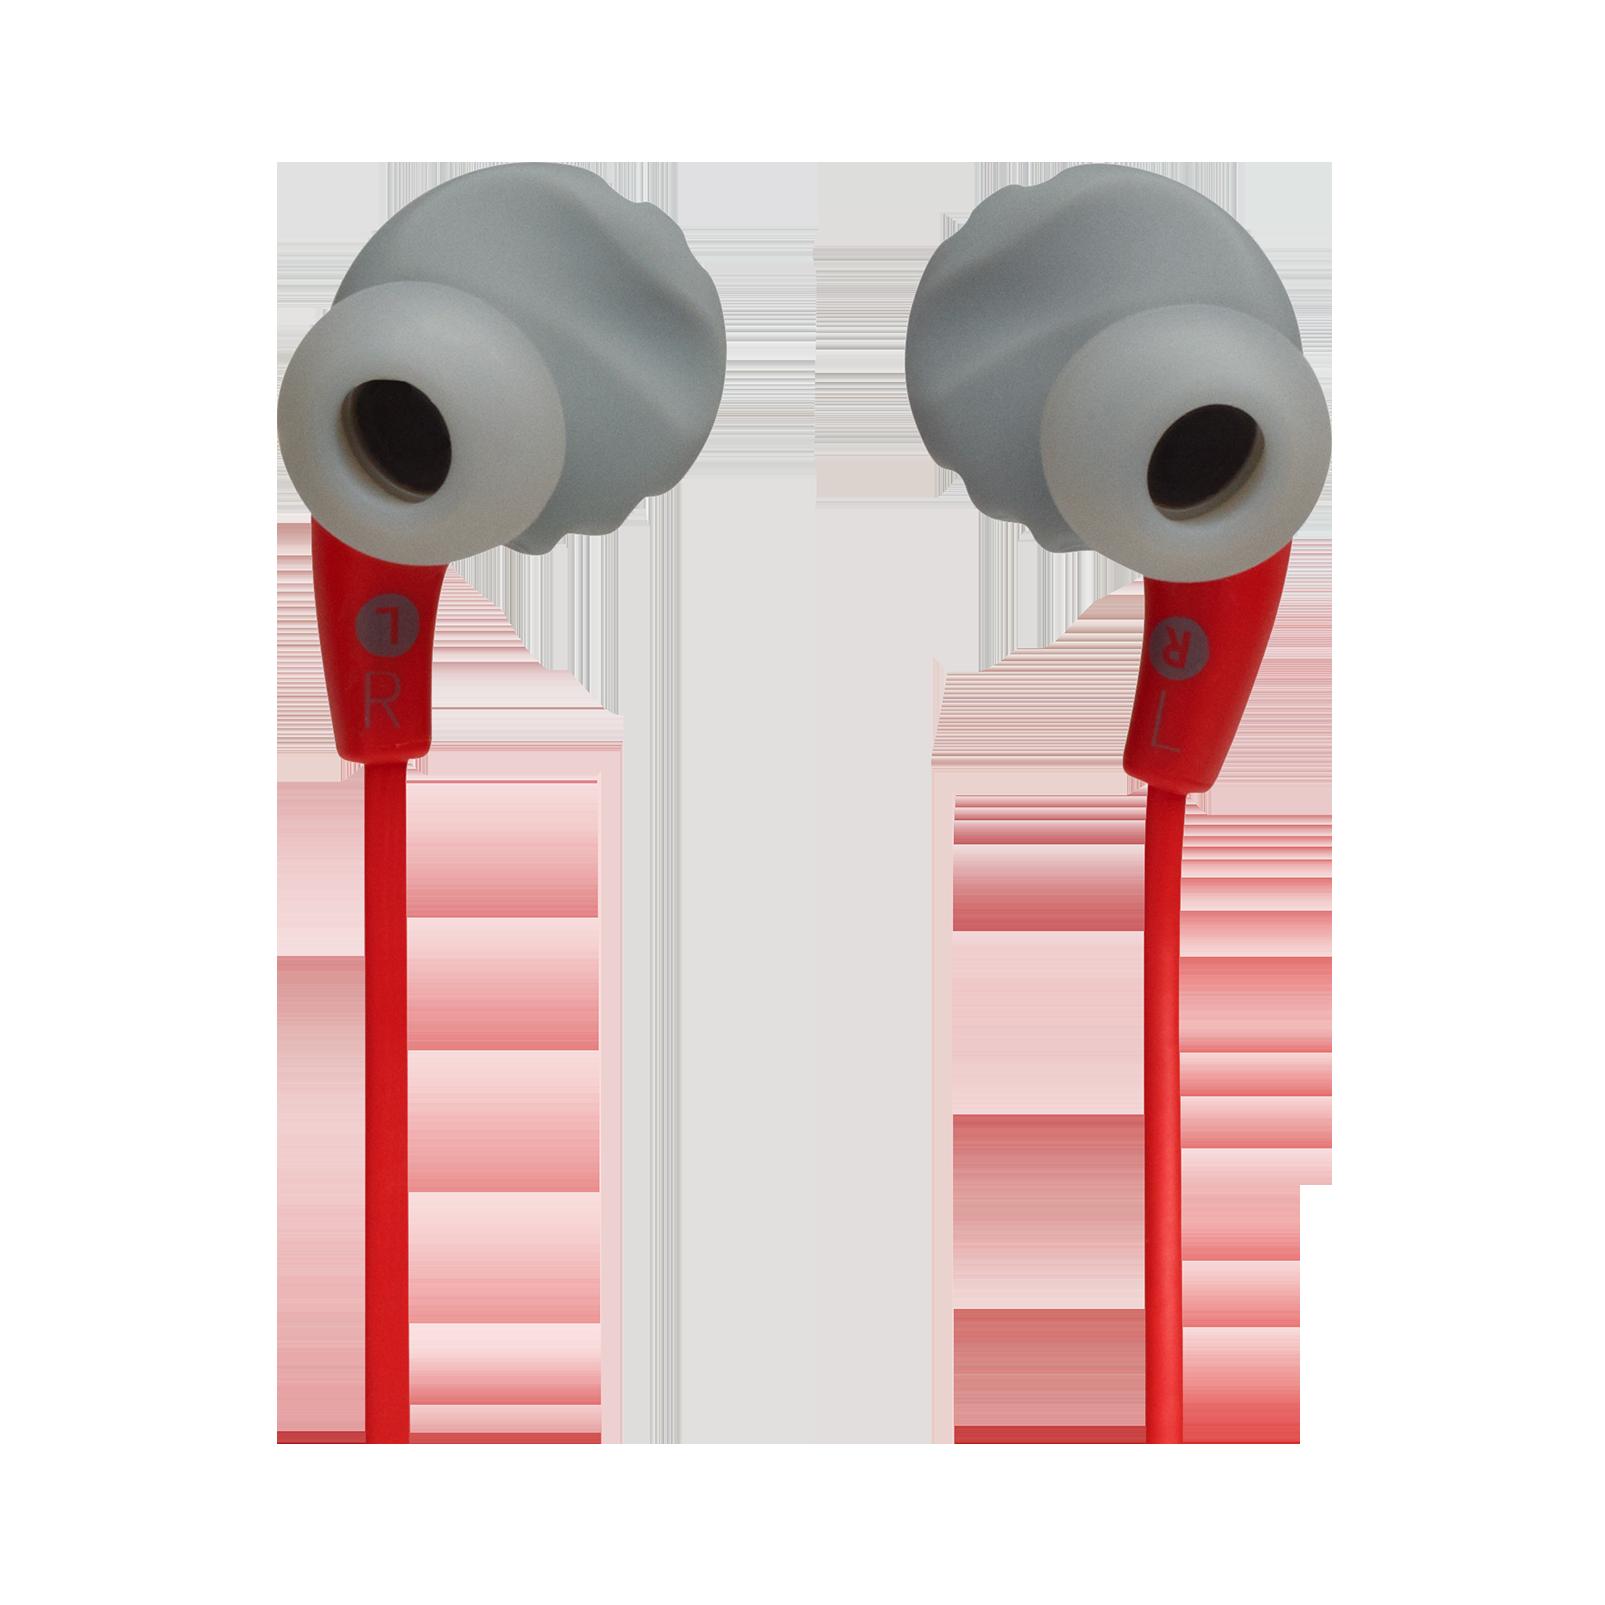 JBL Endurance RUNBT - Red - Sweatproof Wireless In-Ear Sport Headphones - Back